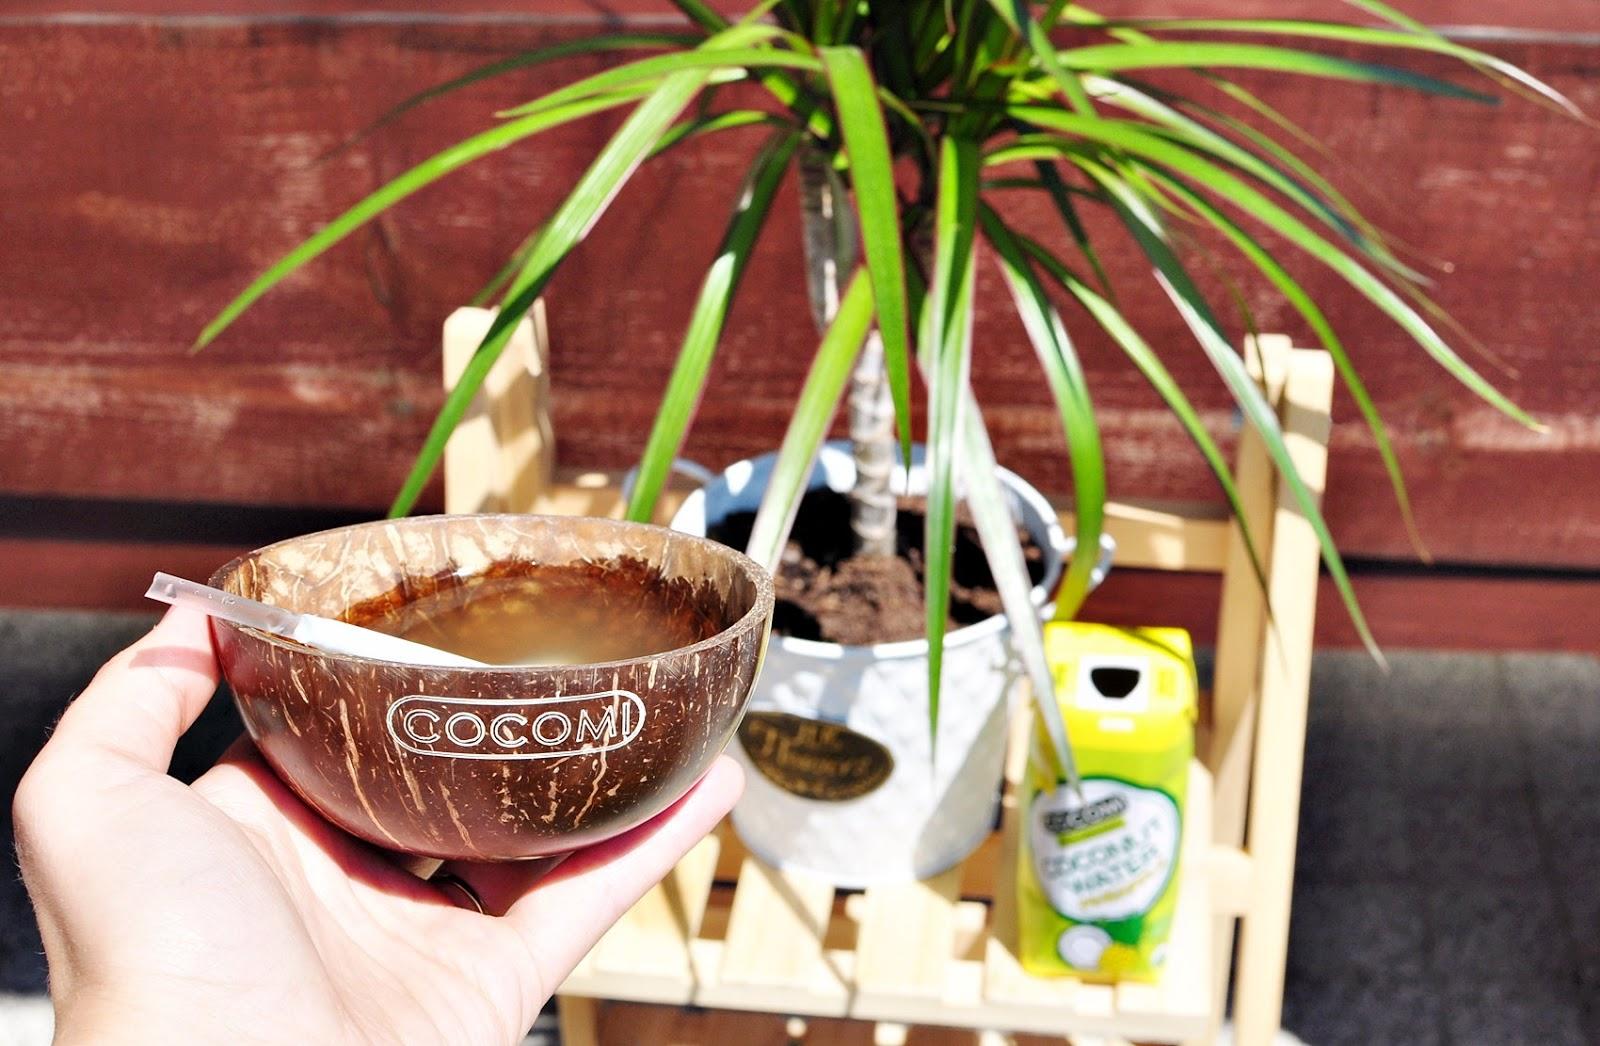 Woda kokosowa i jak rozpoznać zdrową żywność